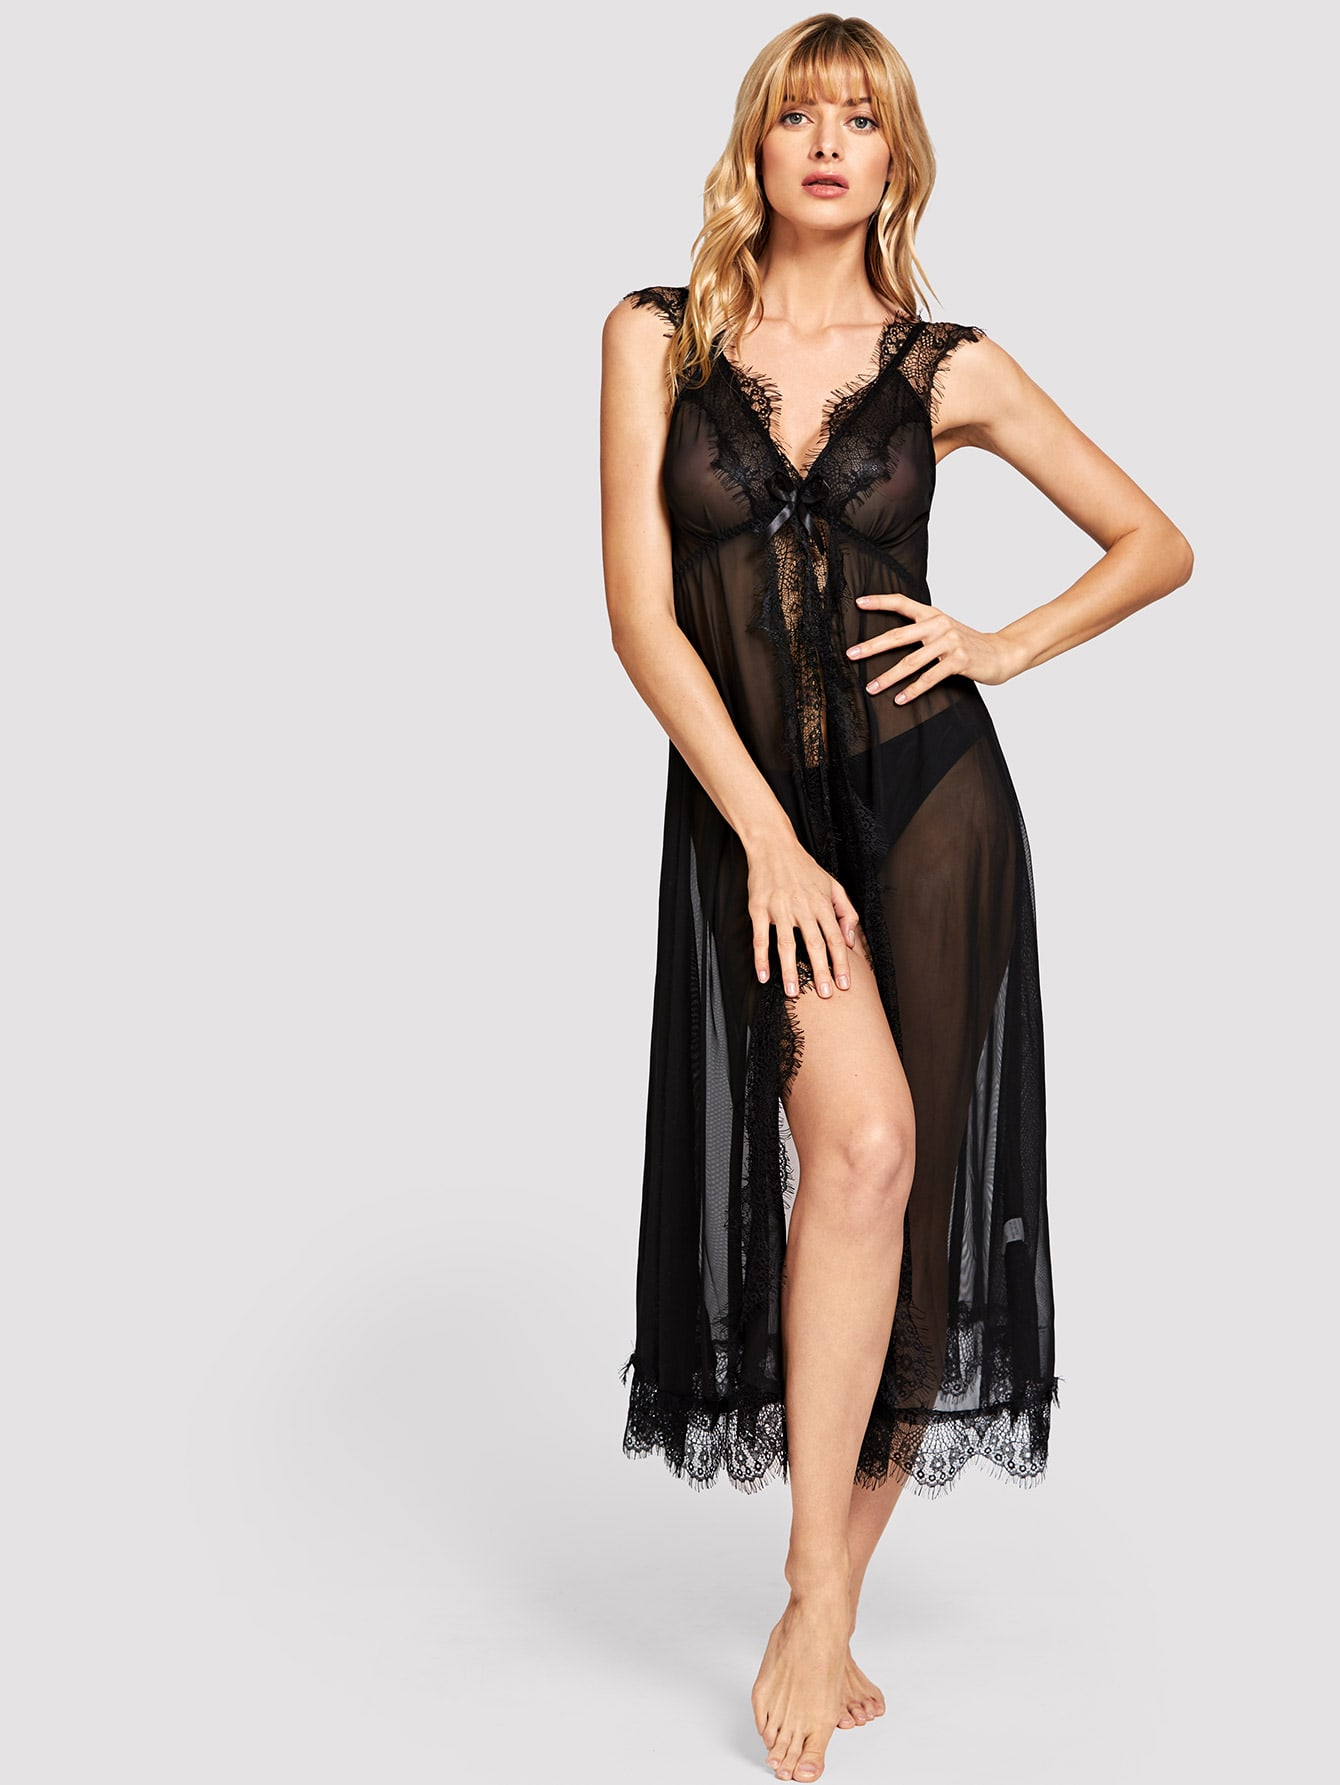 Купить Ресниц кружева платье со стрингом, Masha, SheIn